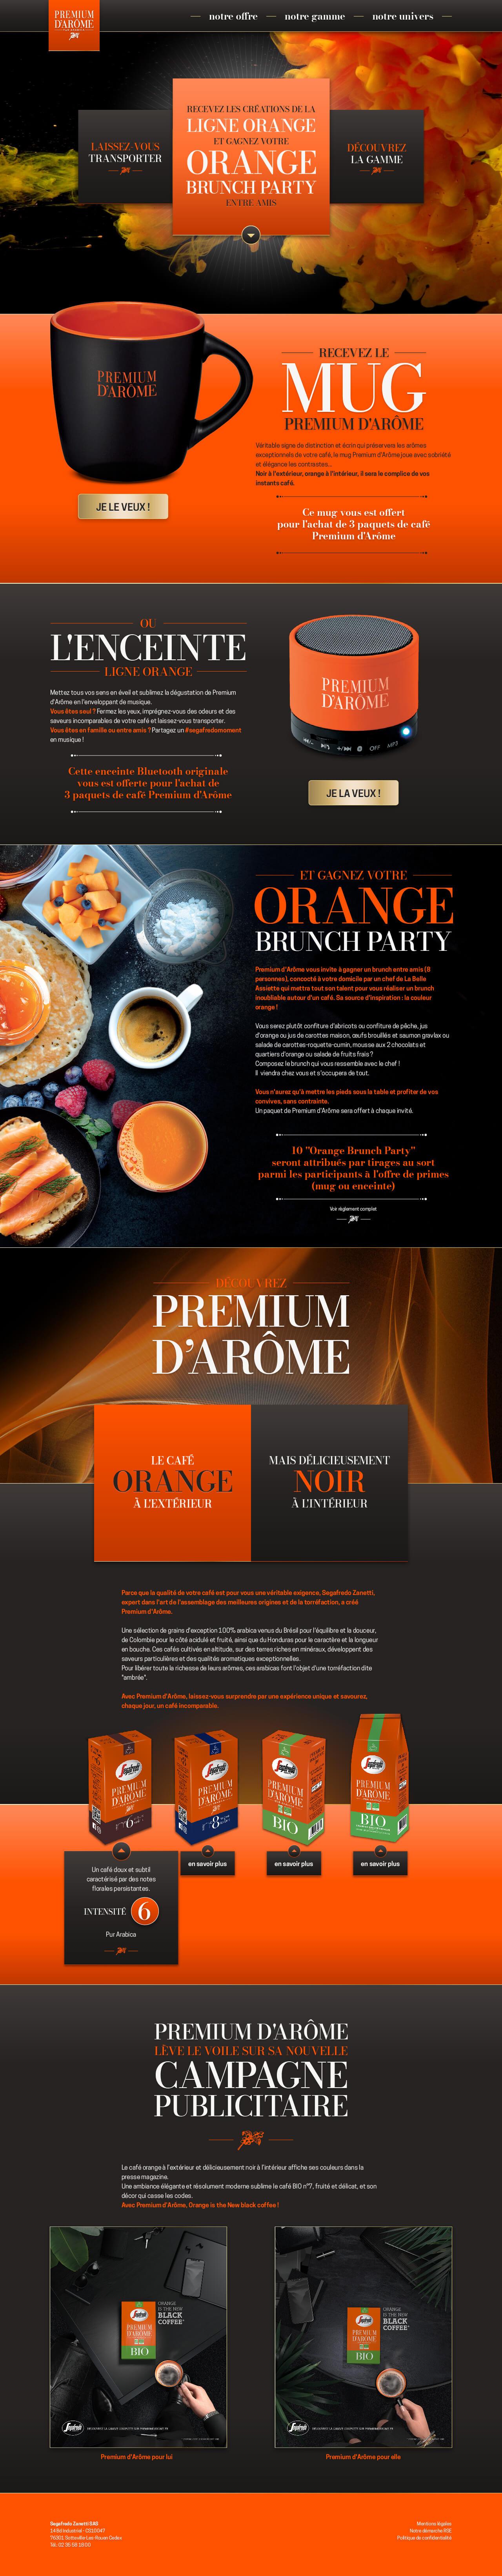 Premium d'Arôme